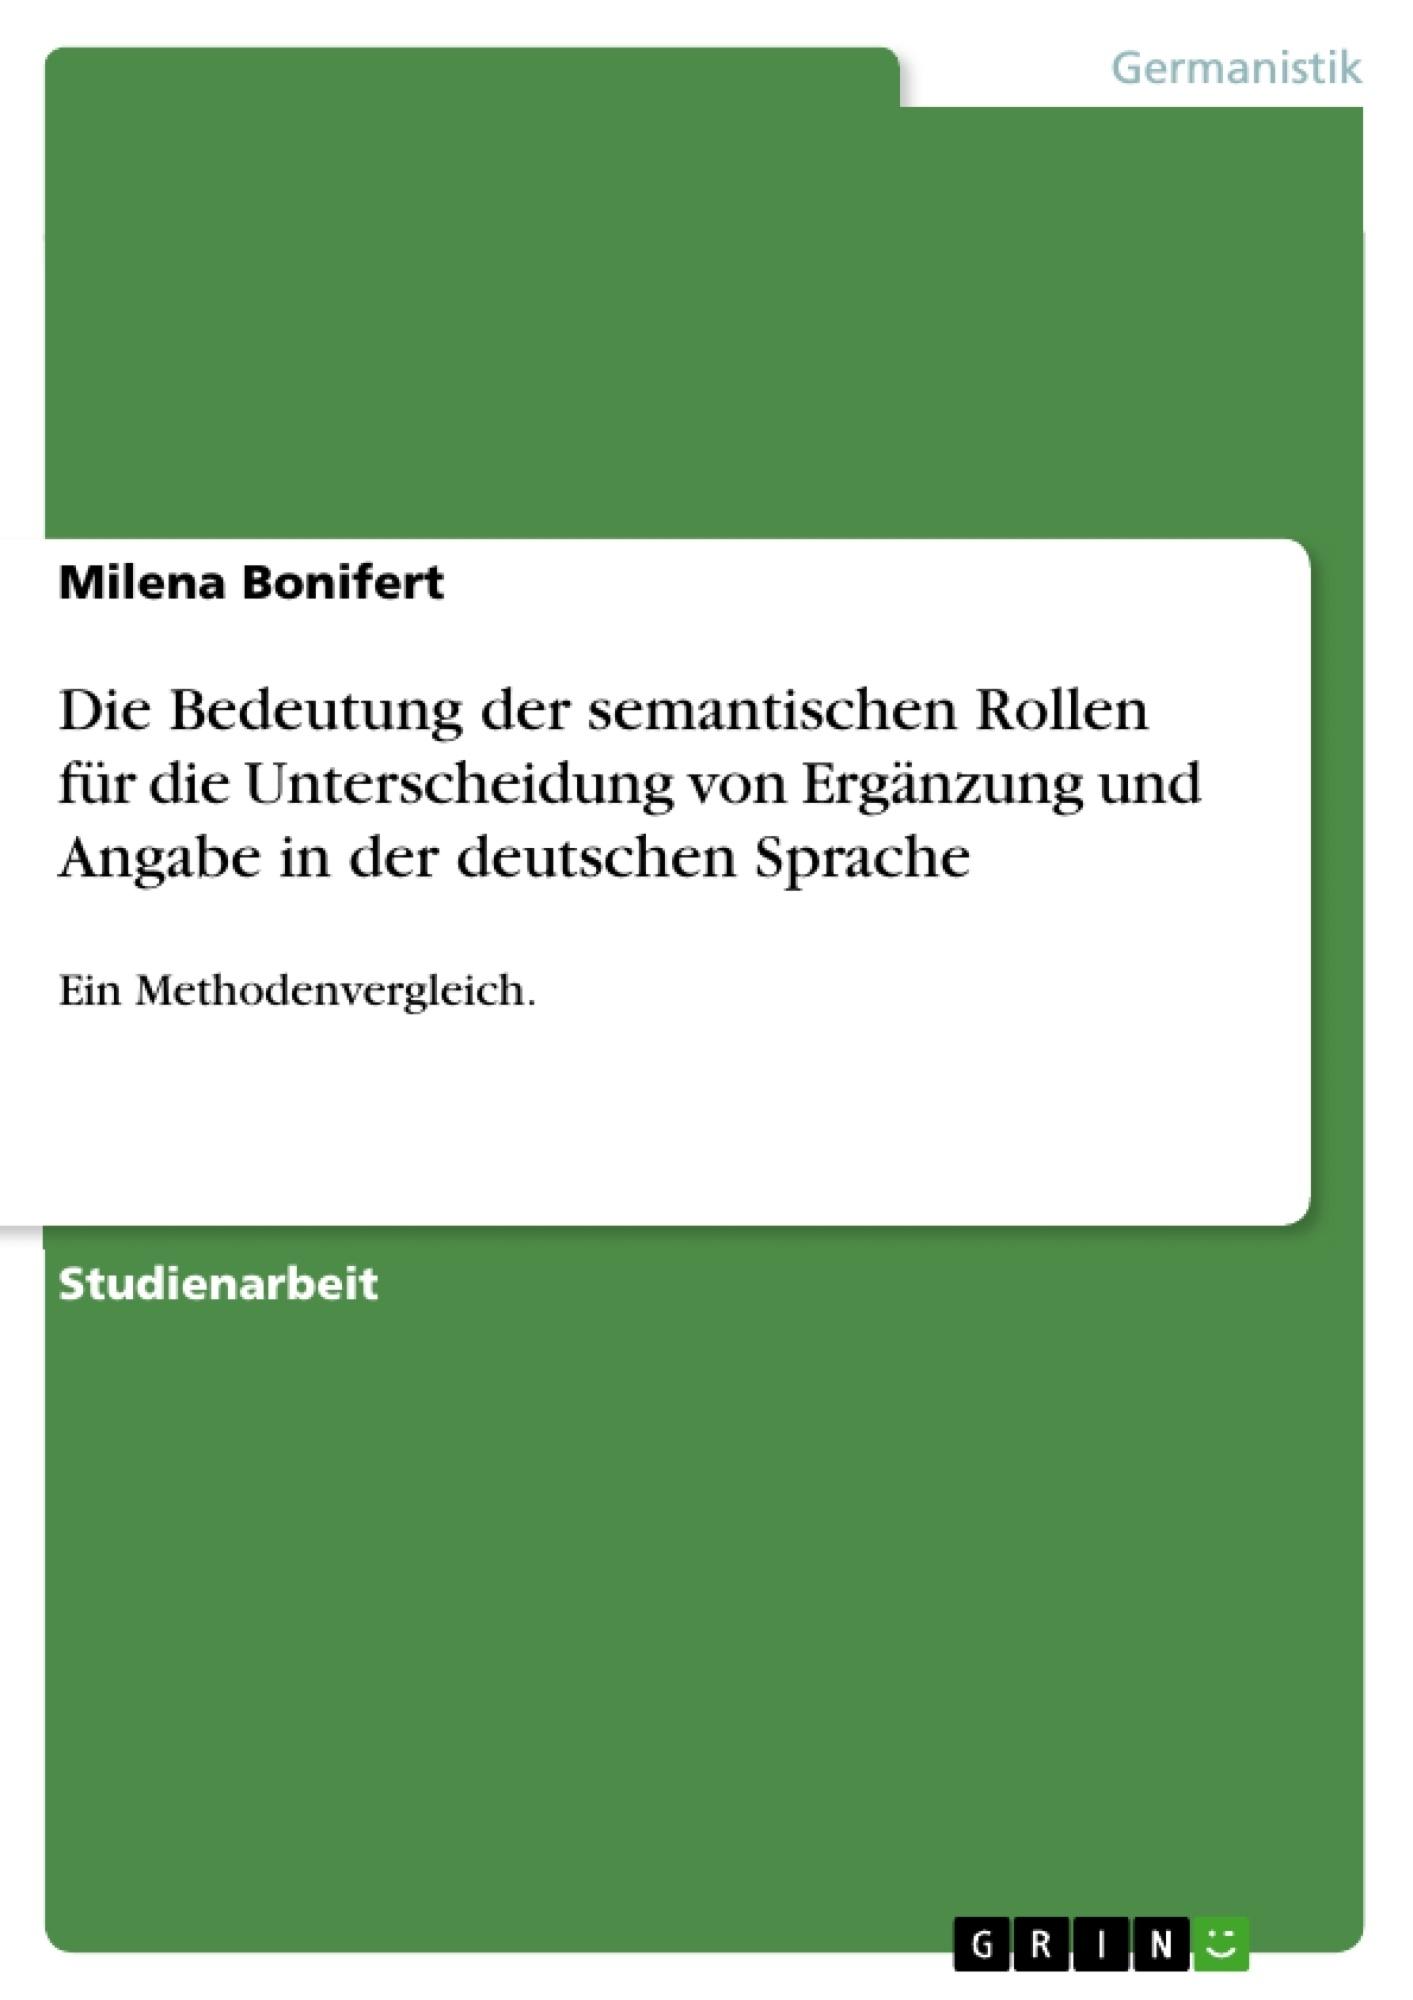 Titel: Die Bedeutung der semantischen Rollen für die Unterscheidung von Ergänzung und Angabe in der deutschen Sprache